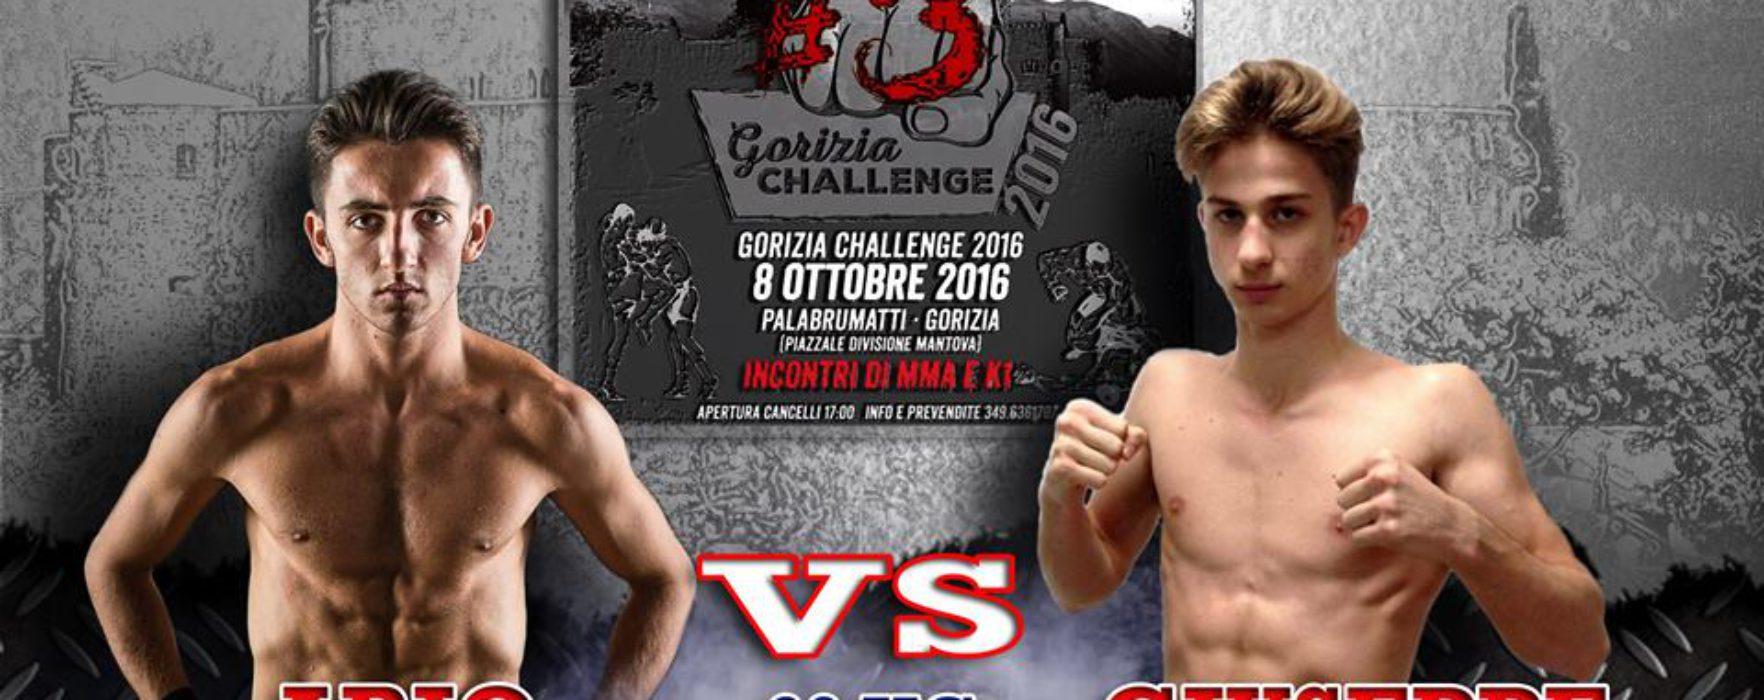 (Italiano) 8/10/2016 Gorizia Challenge #3: la card